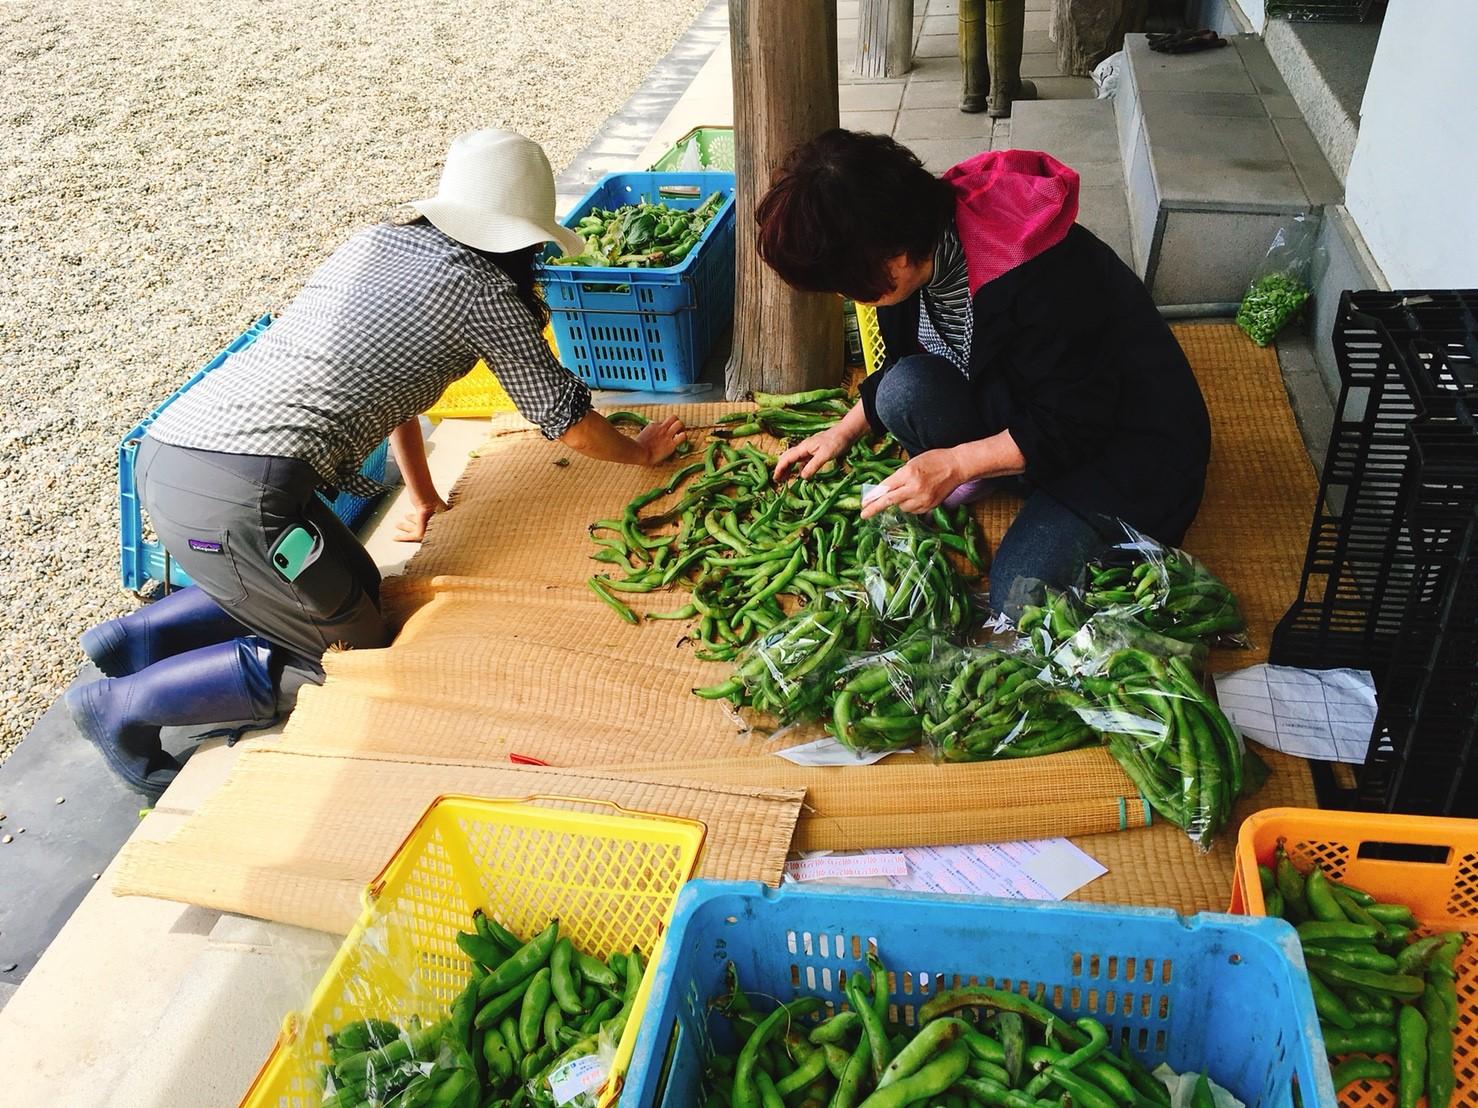 早朝に収穫したばかりの空豆を選別・包装している